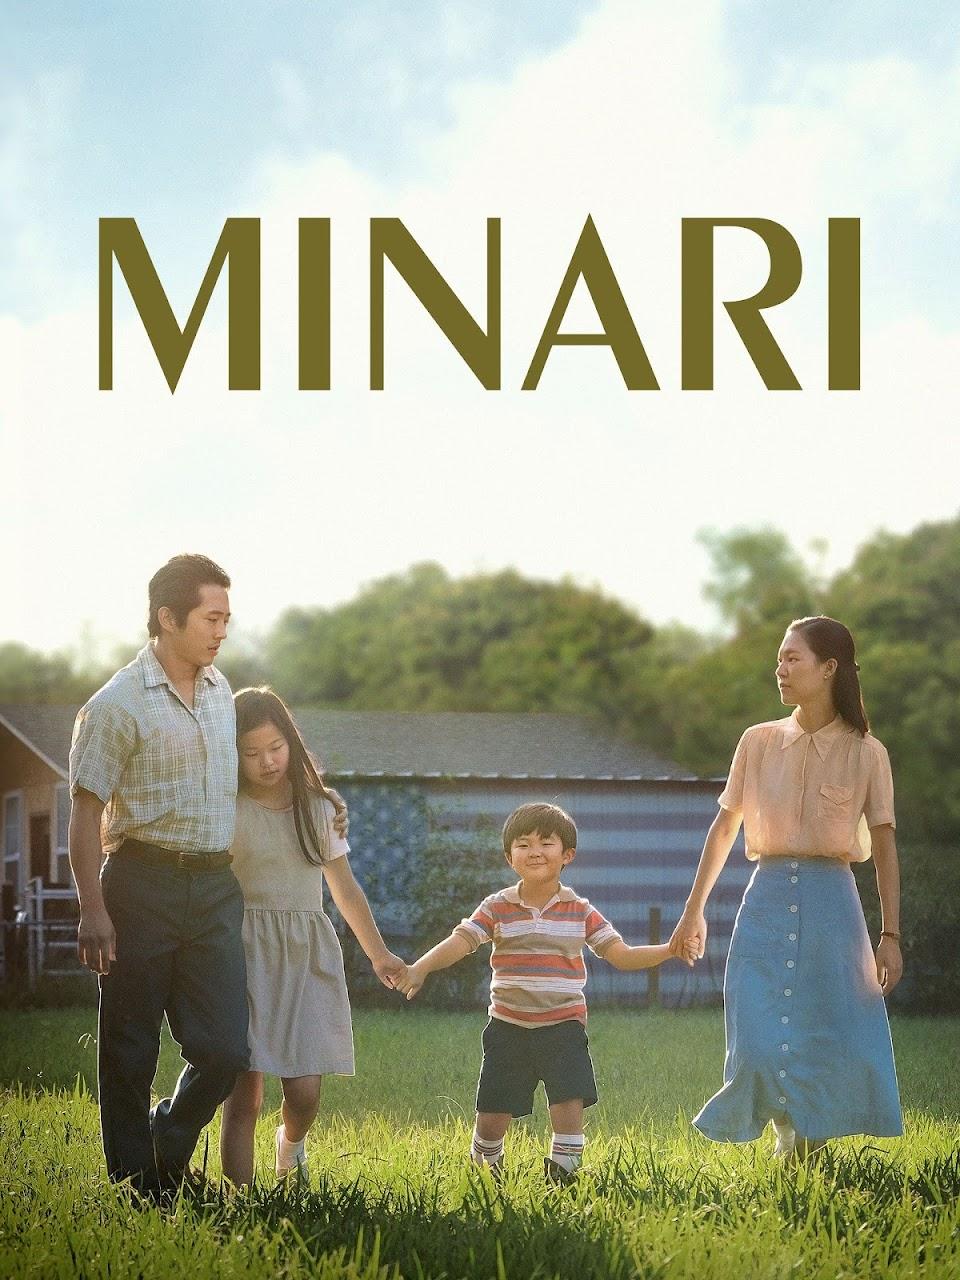 minari film 2